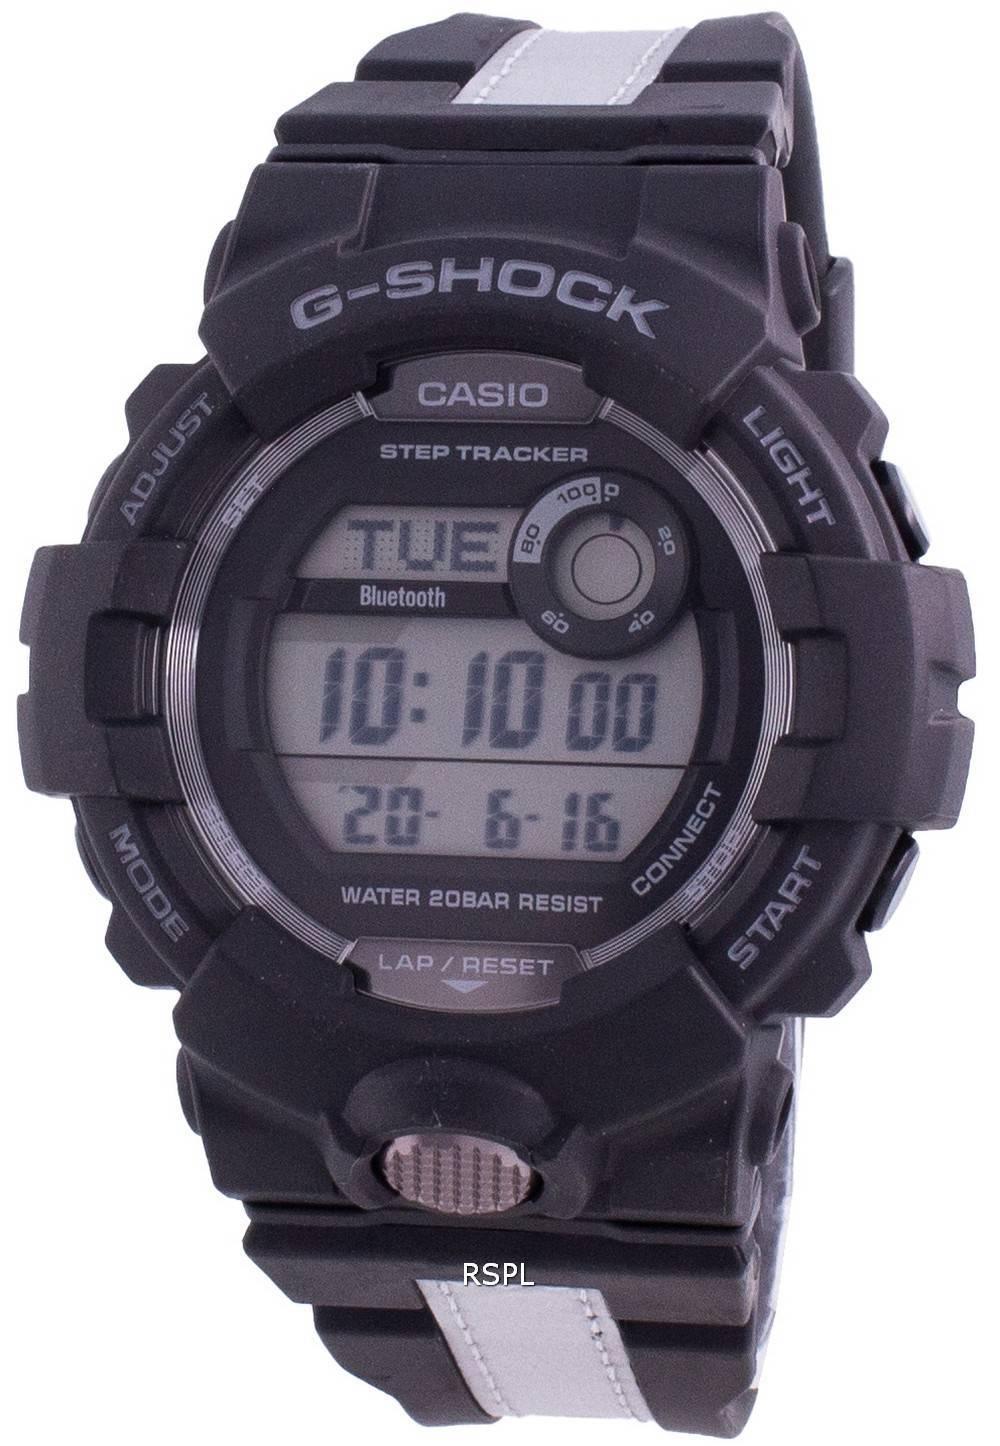 Casio G-Shock GBD-800LU-1 Quartz Shock Resistant 200M Herrenuhr